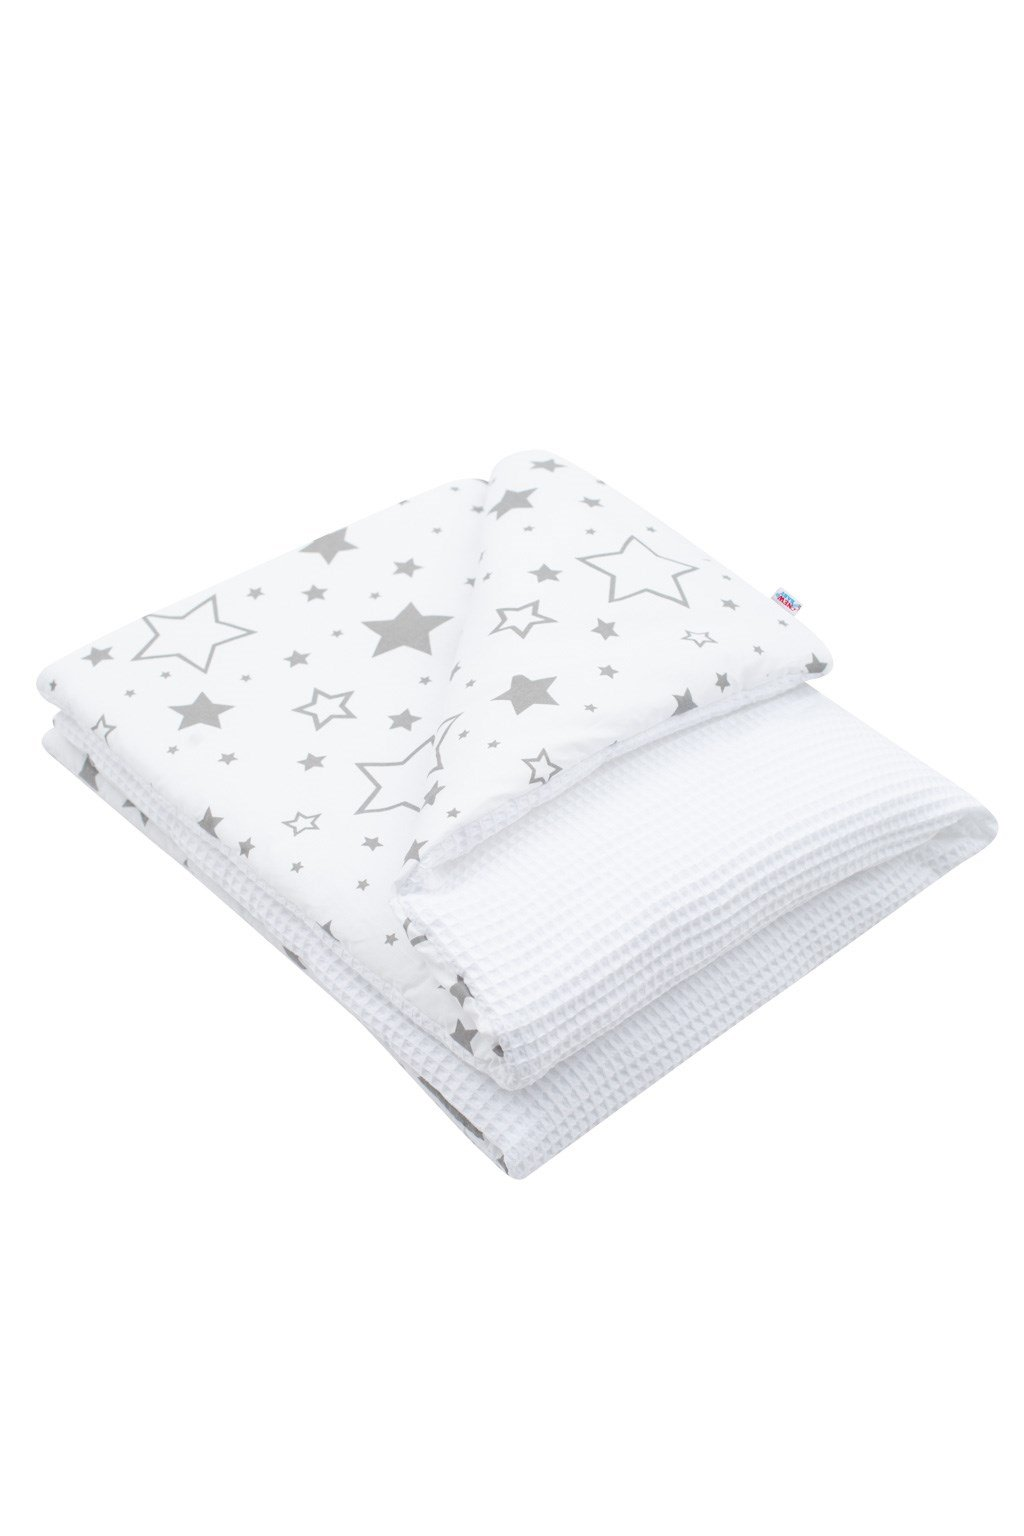 Detská deka s výplňou New Baby Vafle biela hviezdičky 80x102 cm